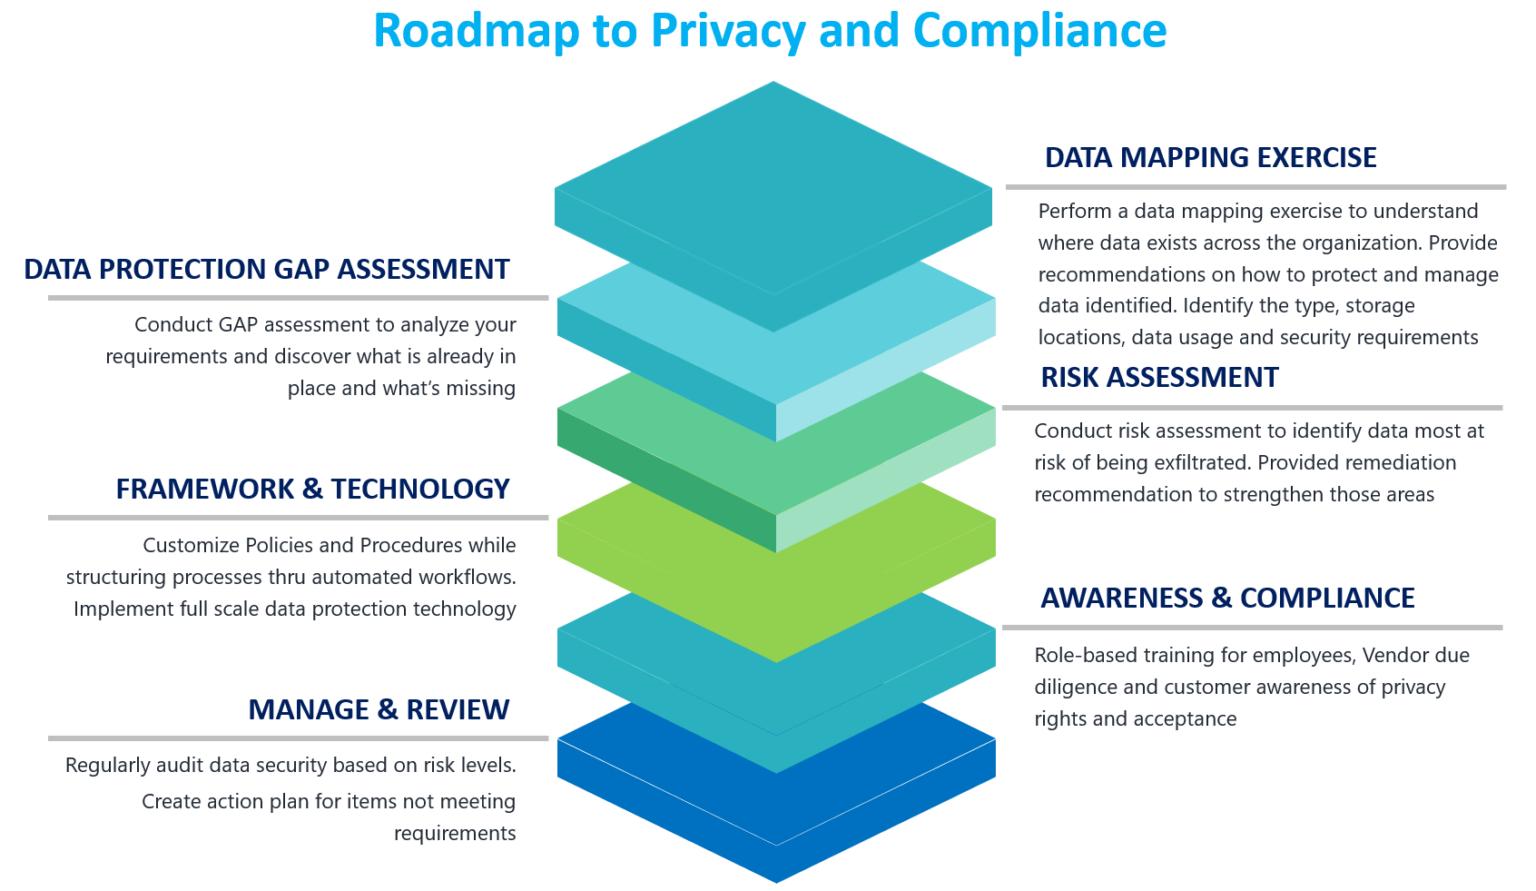 Privacy Roadmap